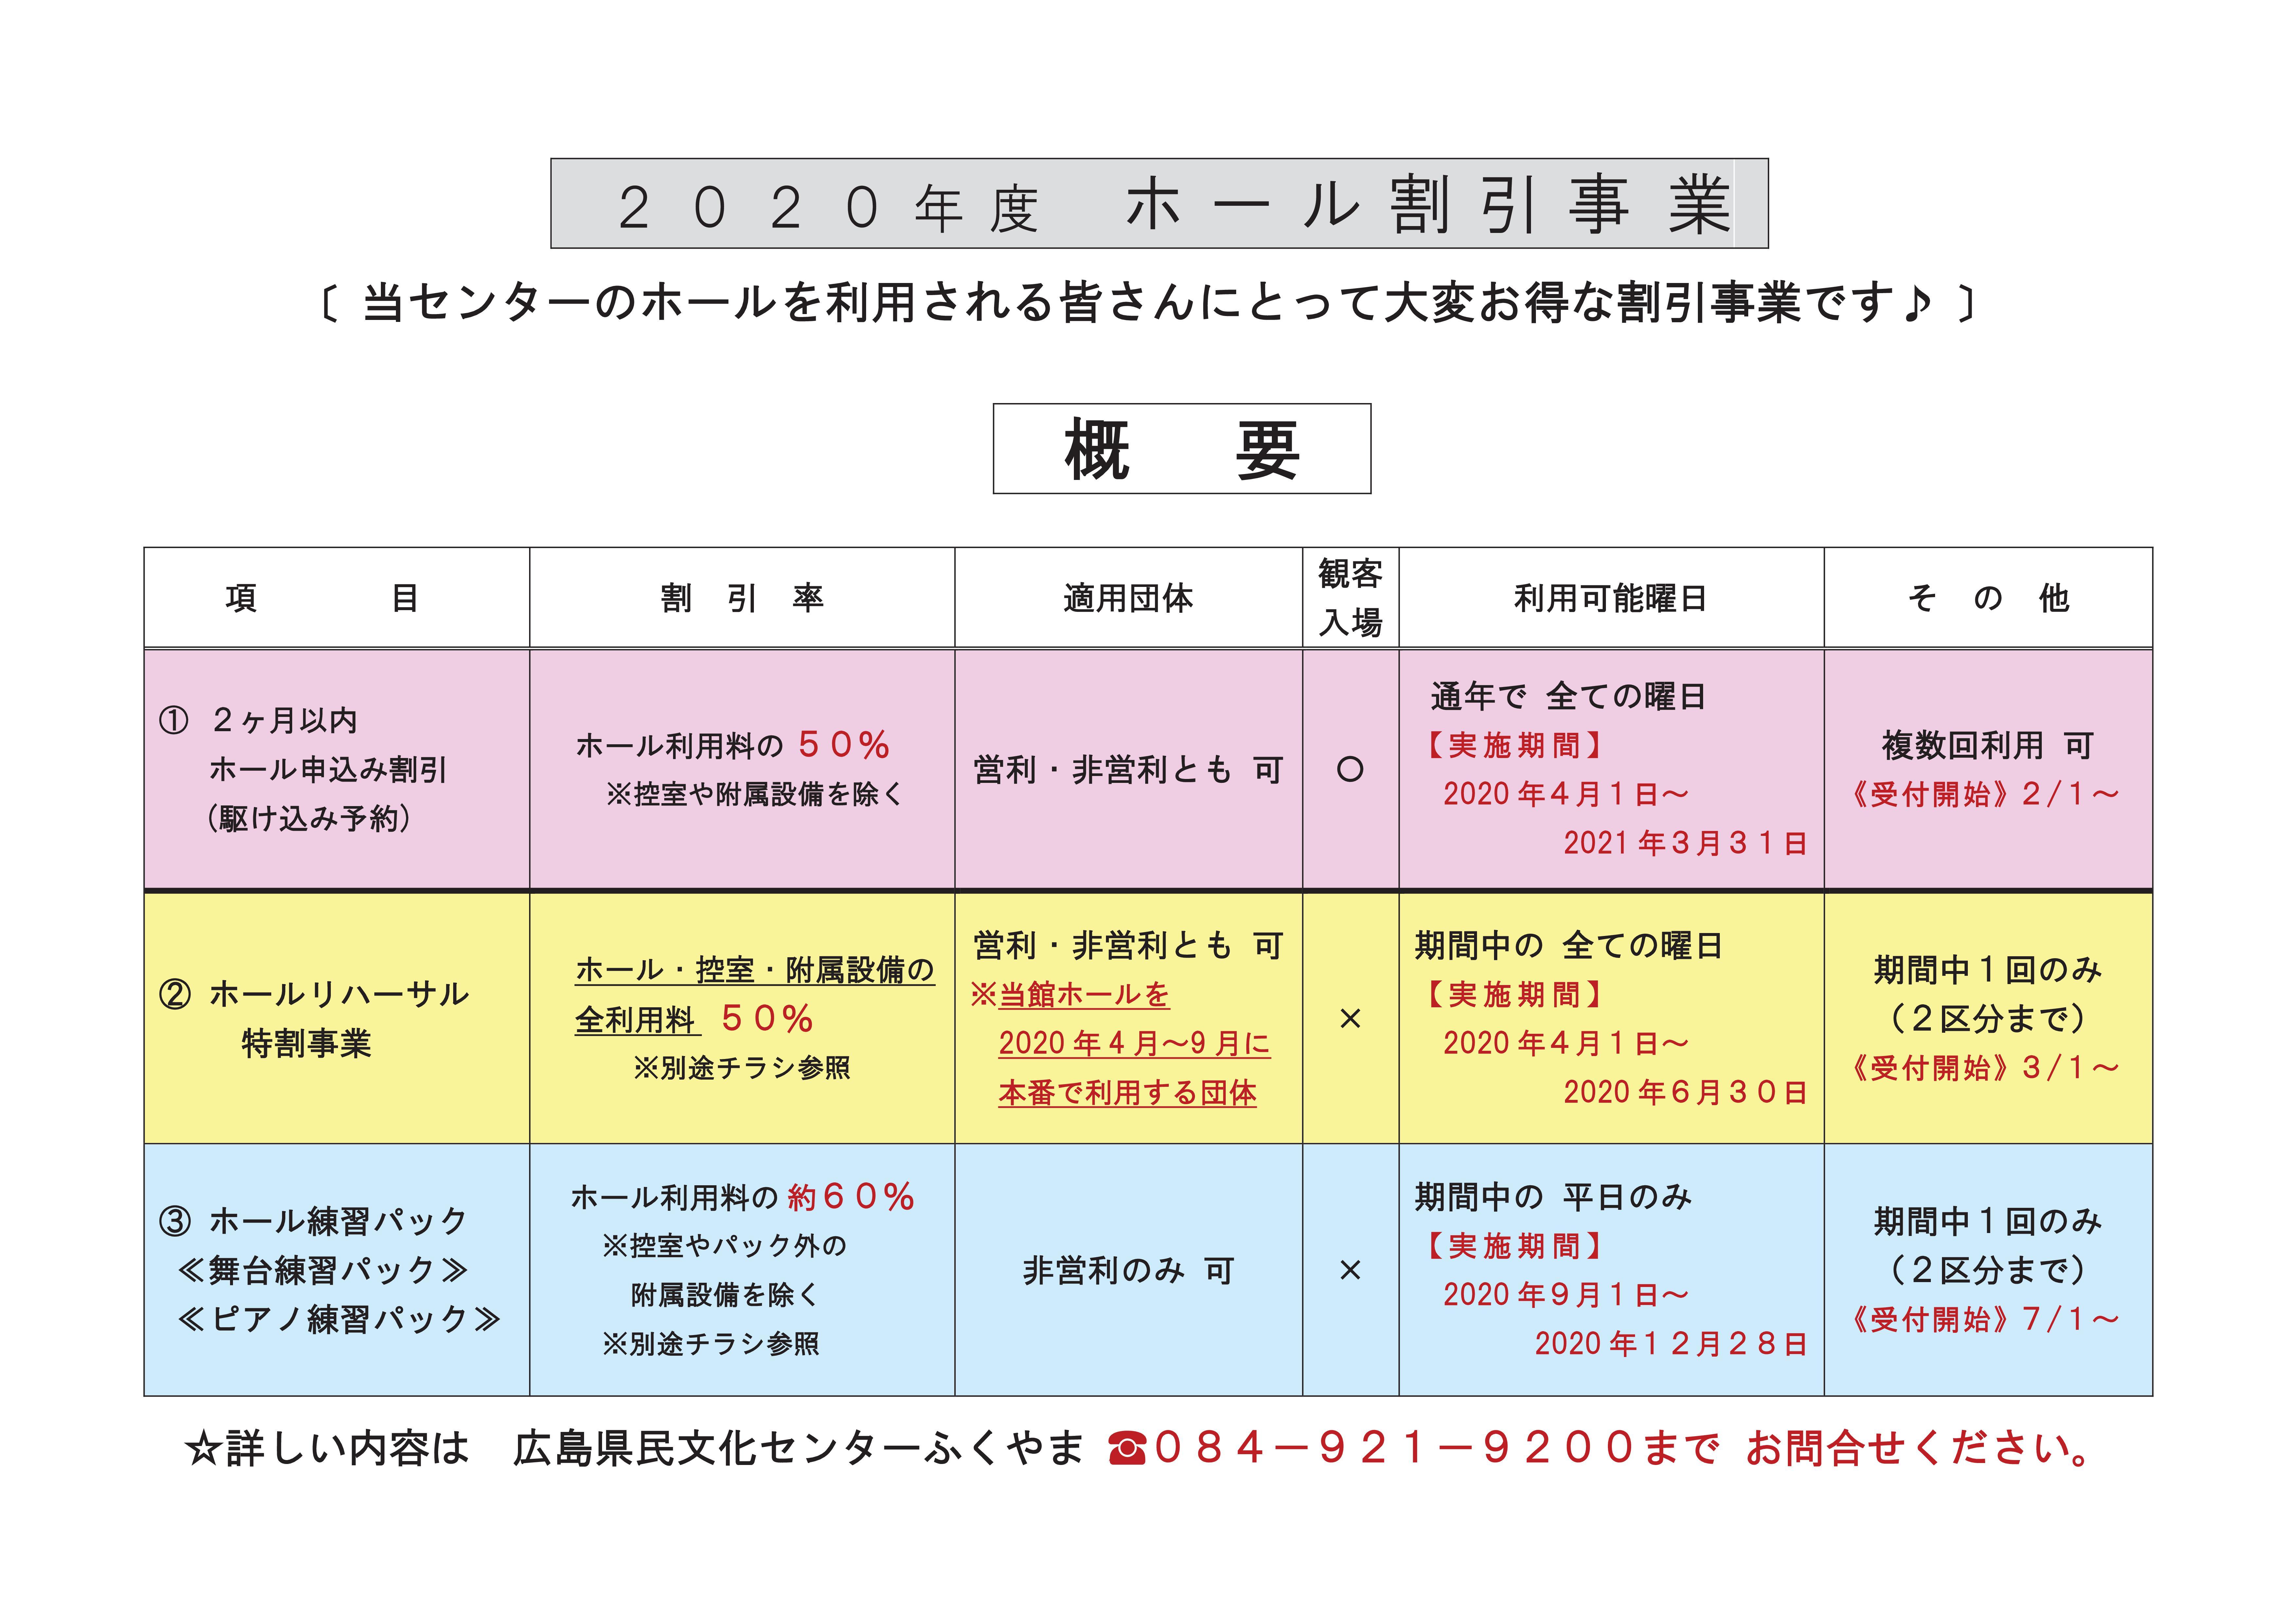 ◇2020年度「割引案内」 (R2.2.24改)